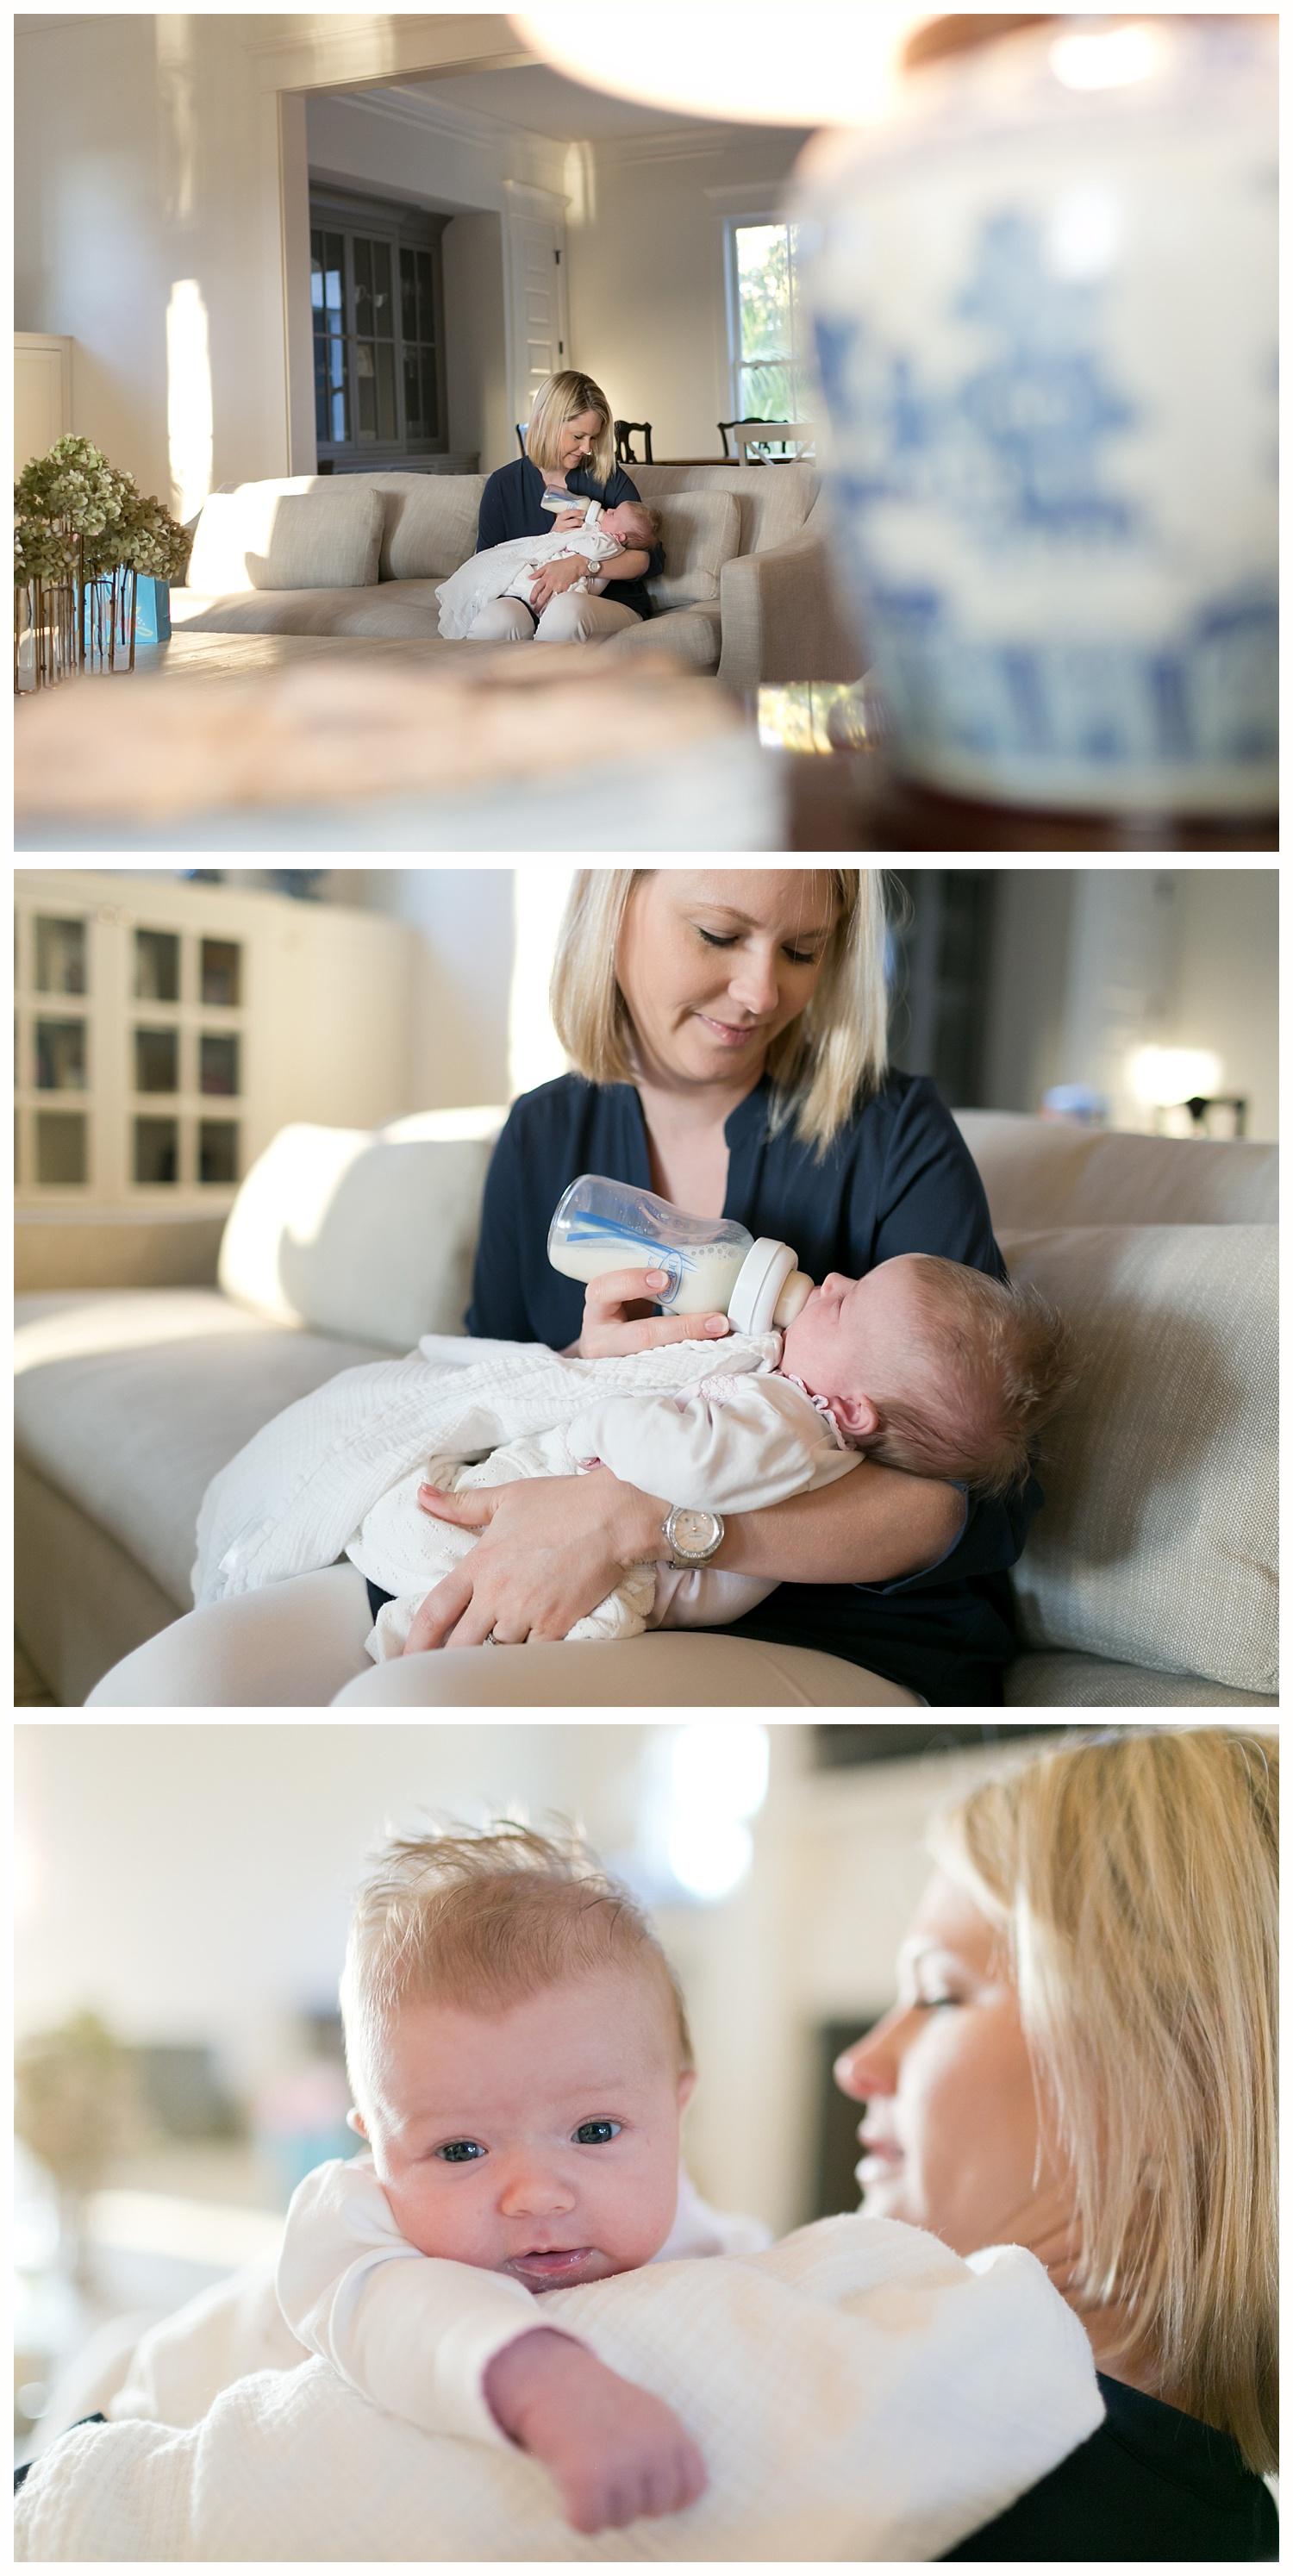 mom bottle-feeding baby girl at home